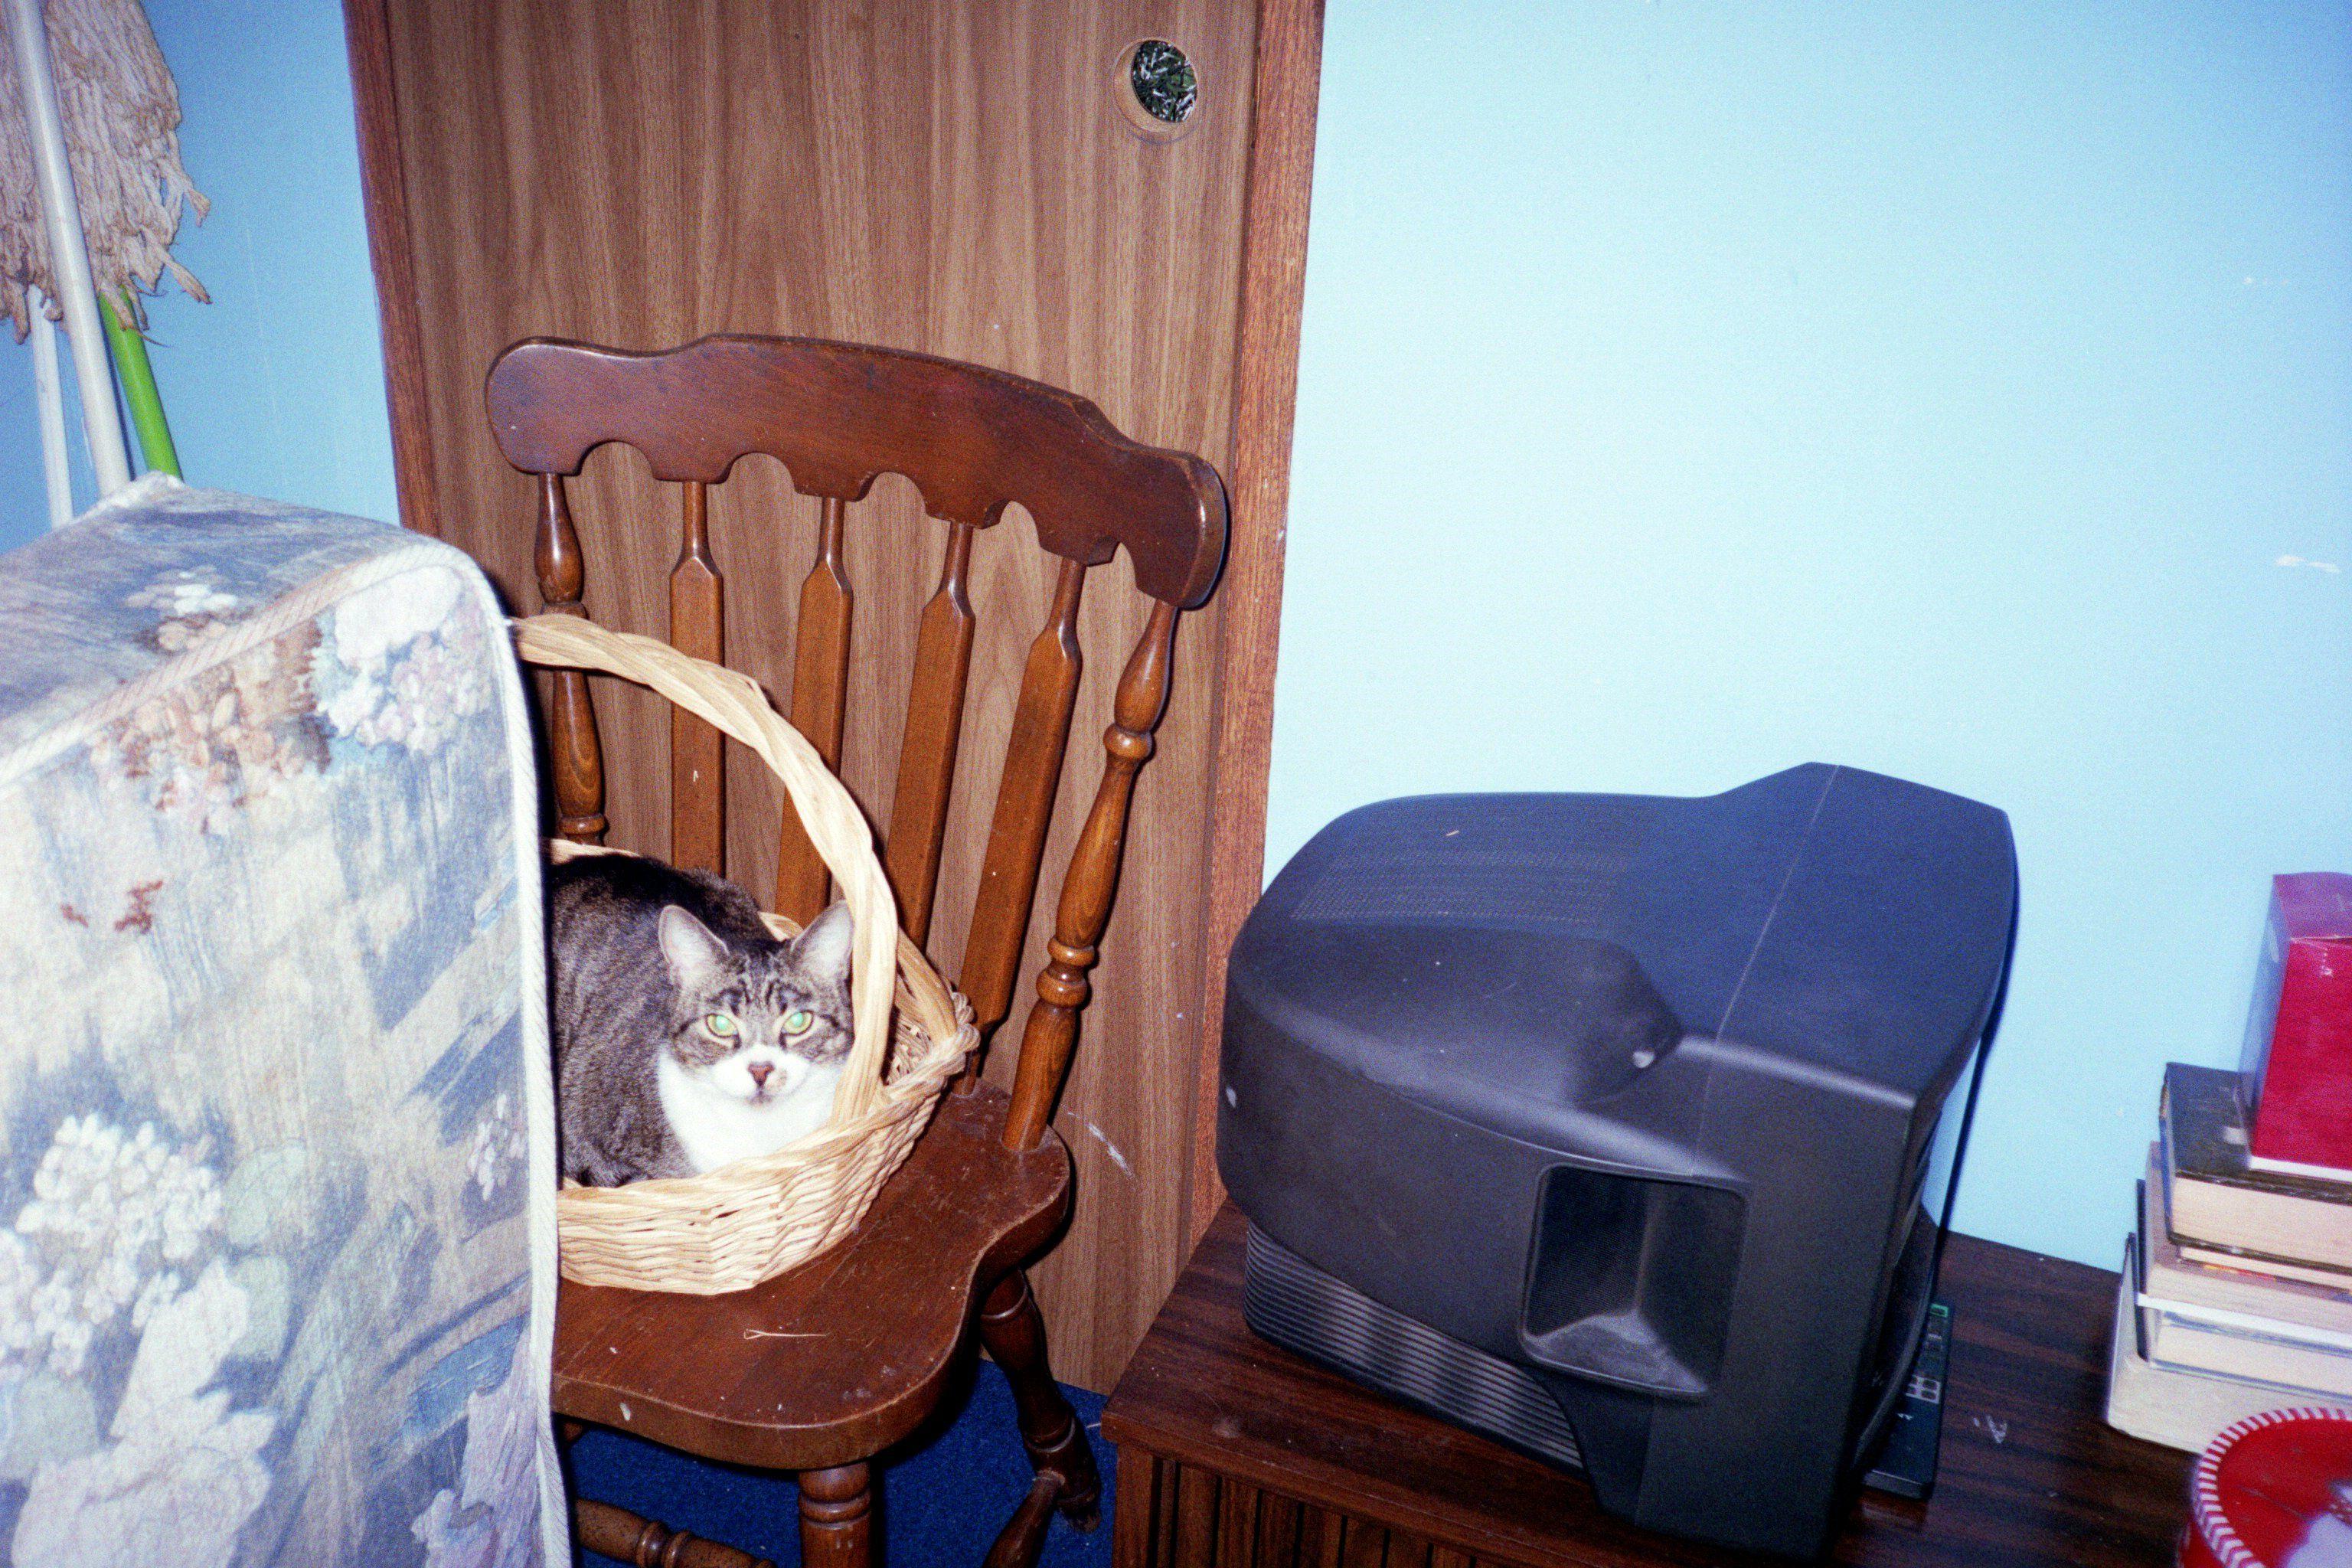 Missy in a basket!